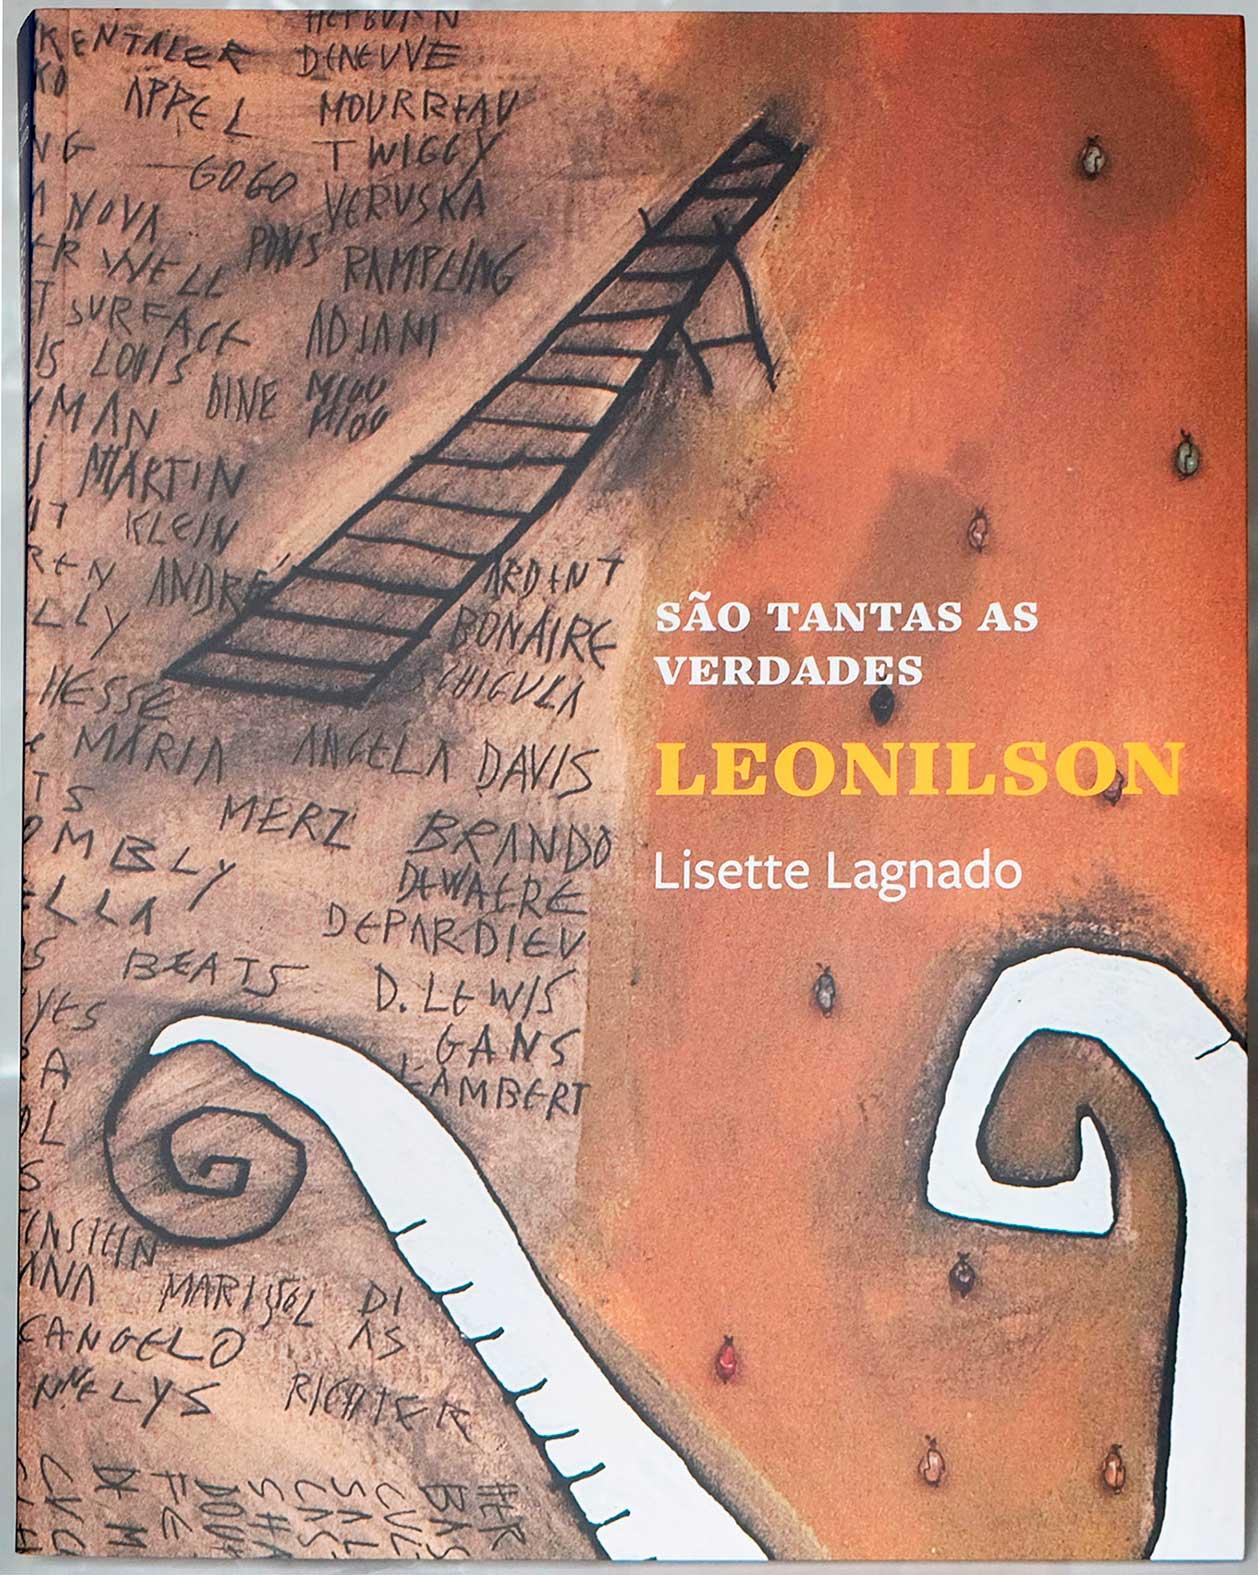 Leonilson: são tantas as verdades